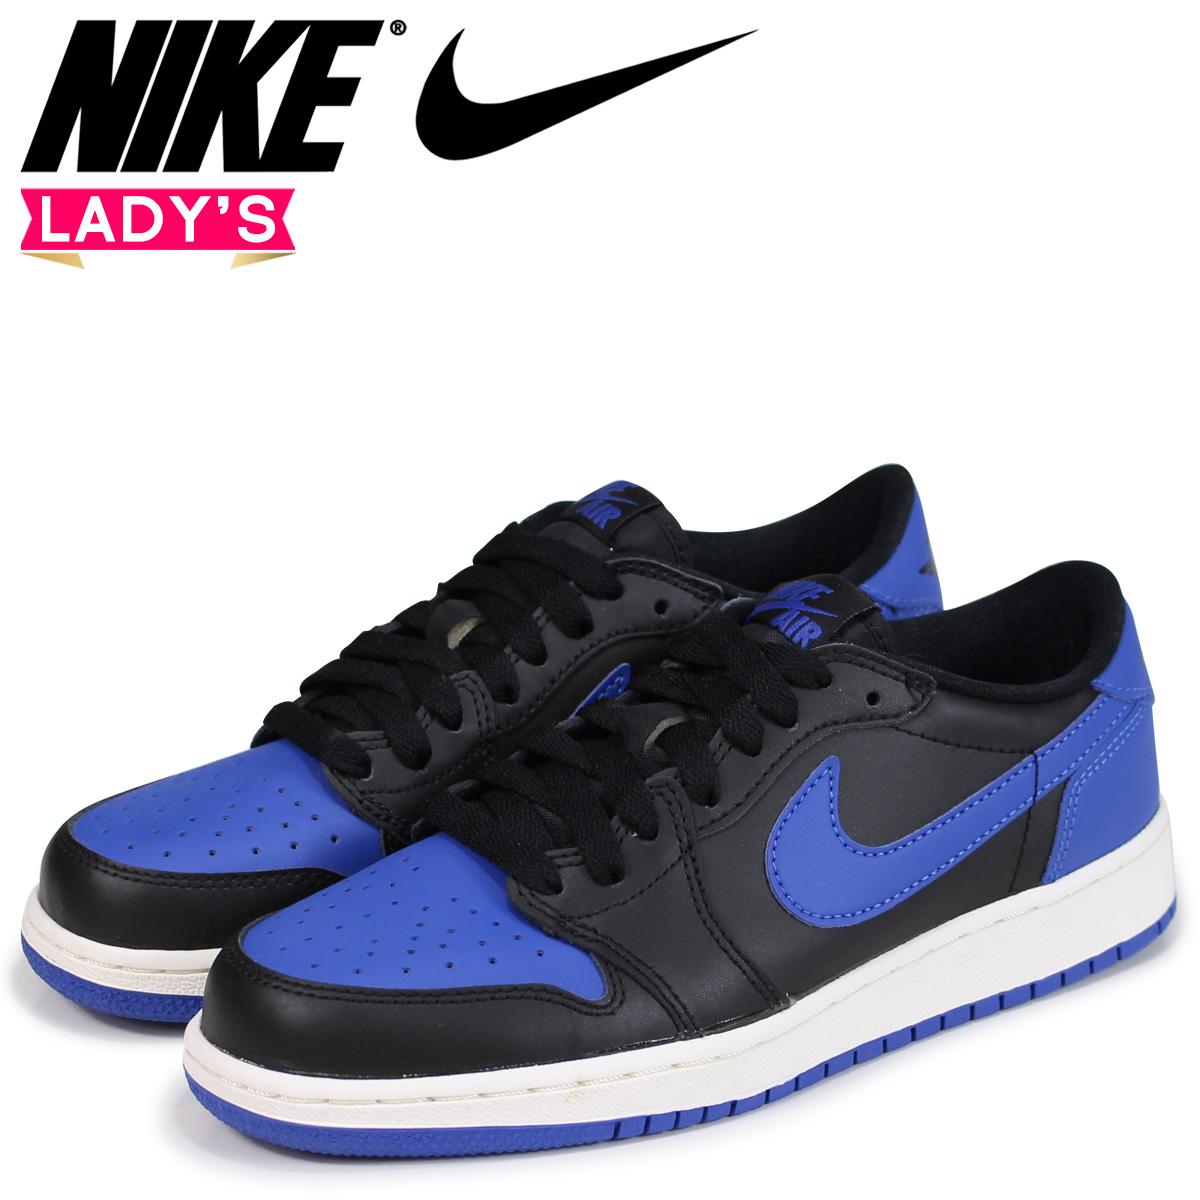 71569ac5d09 NIKE Nike Air Jordan 1 nostalgic lady's sneakers AIR JORDAN 1 RETRO LOW OG  BG 709,999 ...